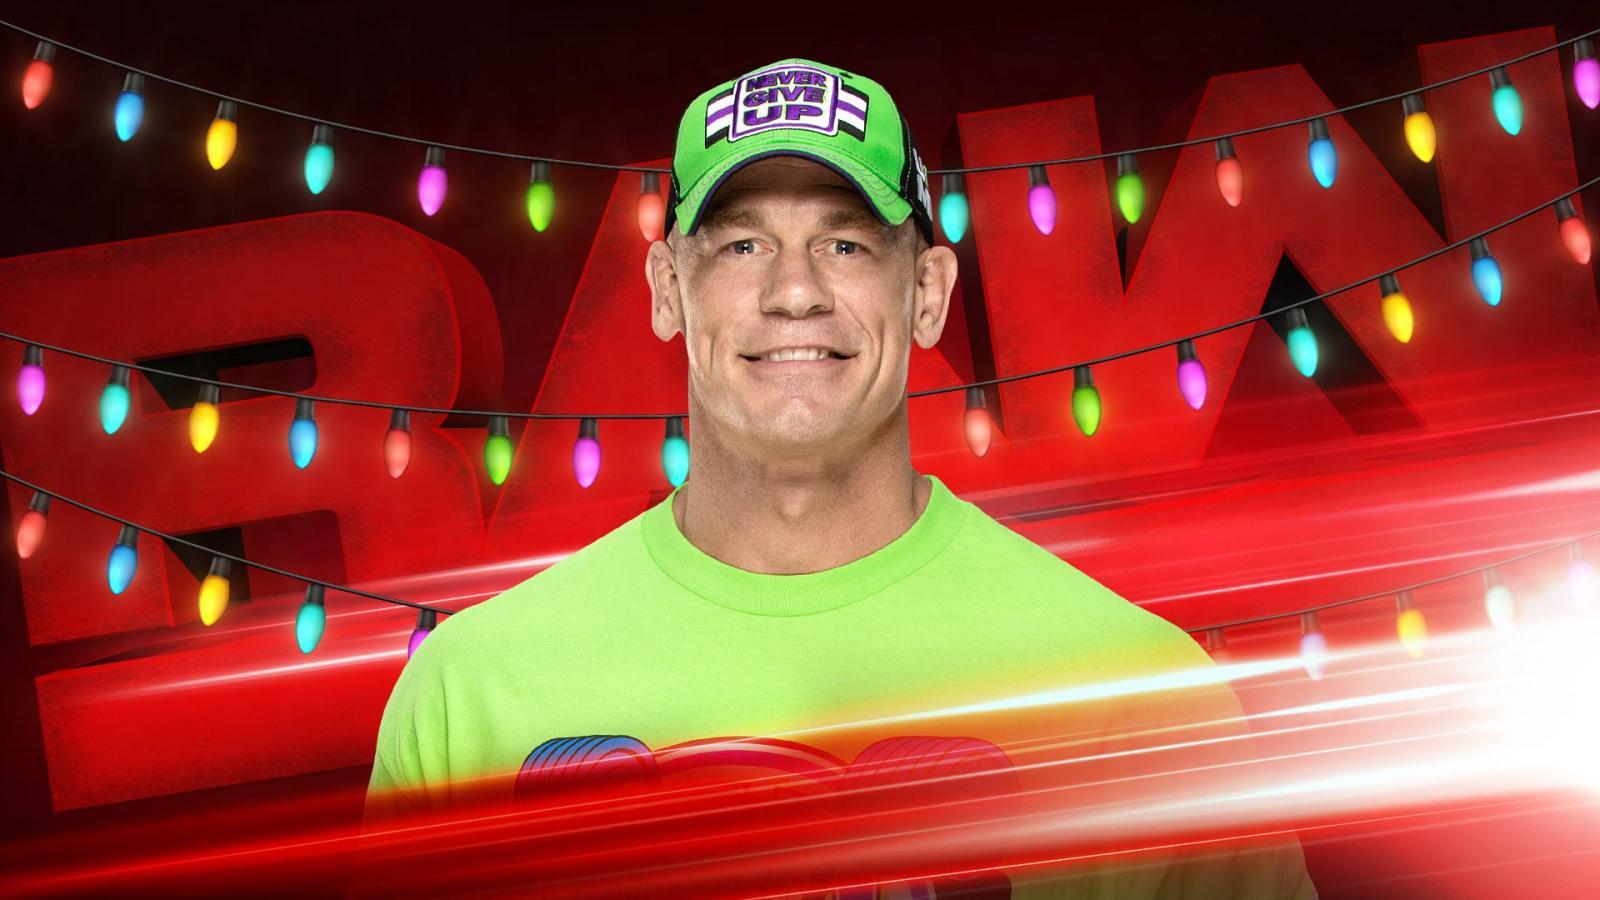 WWE NEWS: क्रिसमस के मौके पर कम्पनी करा रही है जबरदस्ती रेस्लरो से लाइव इवेंट इसी बीच माँ को याद कर भावुक हुआ यह दिग्गज रेस्लर 1